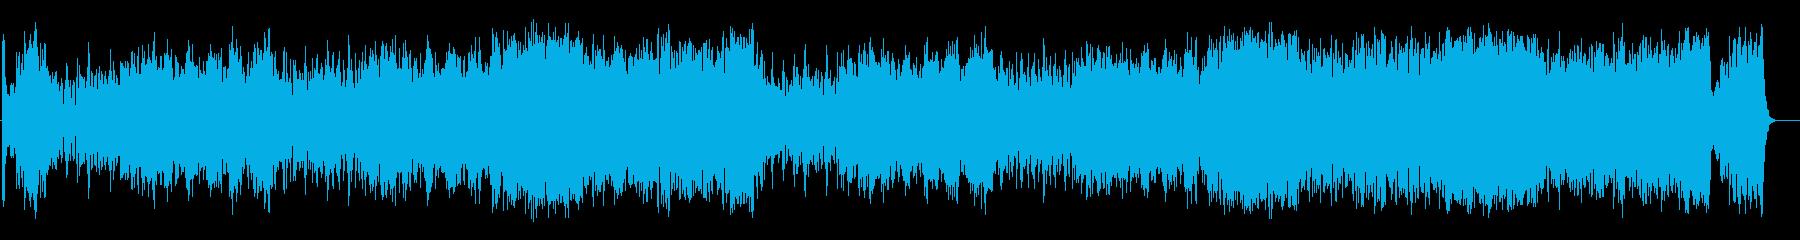 大航海時代のクラシック風オーケストラの再生済みの波形